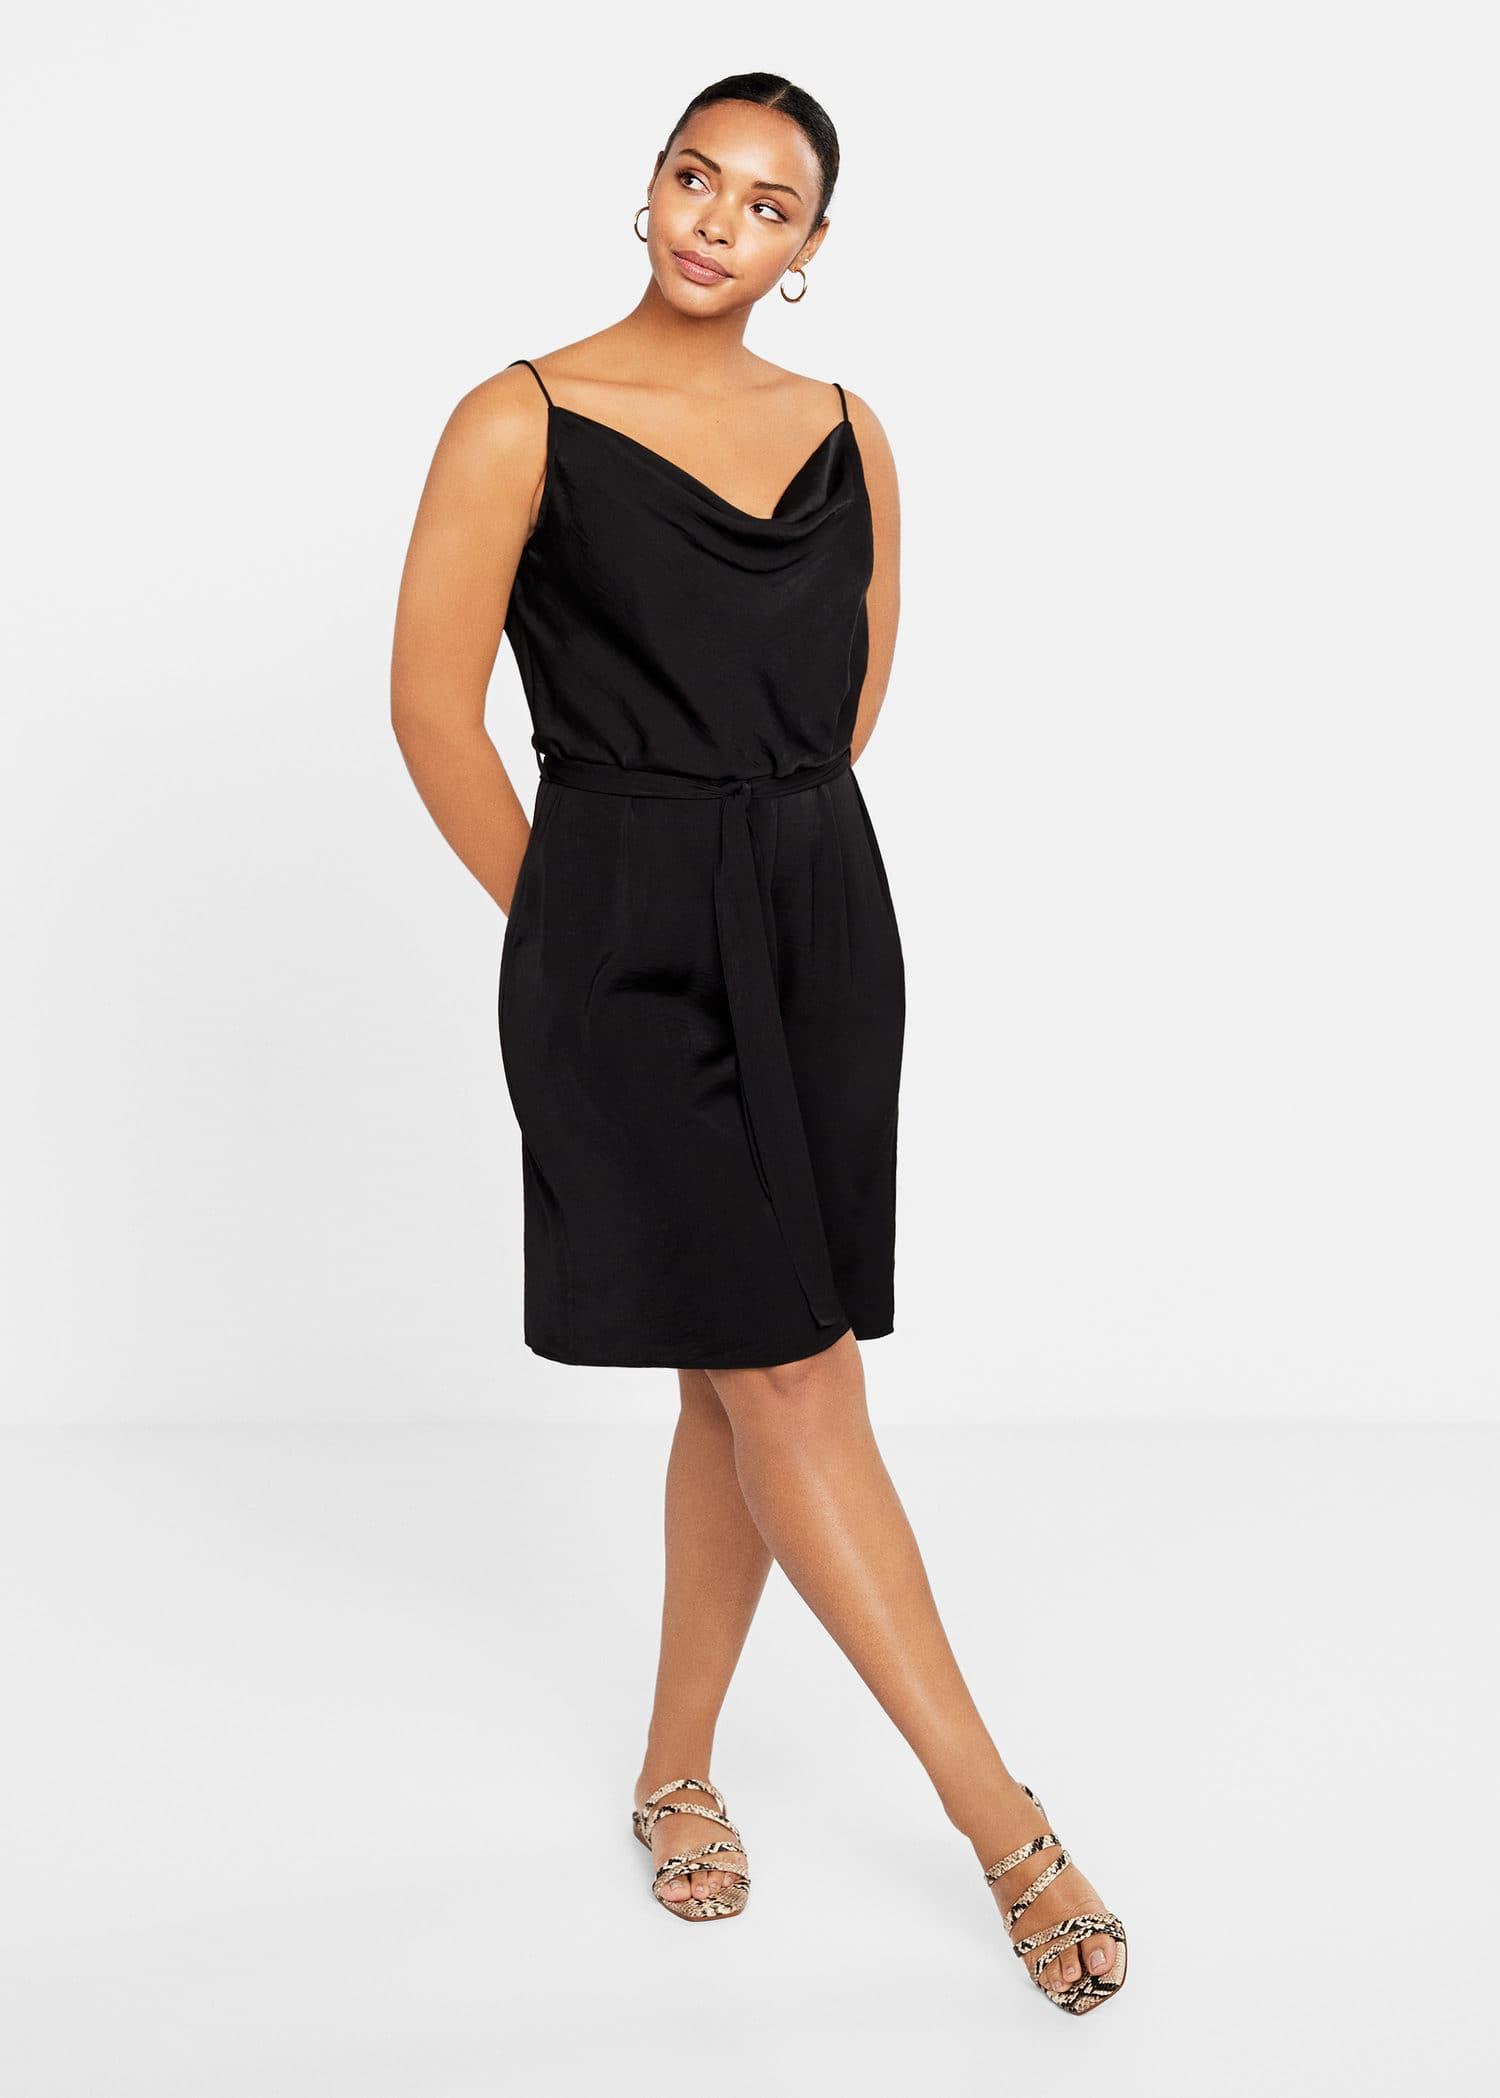 Tie Dress By SizesVioleta Mango Satin Plus Cypruseuros PkNwnOX08